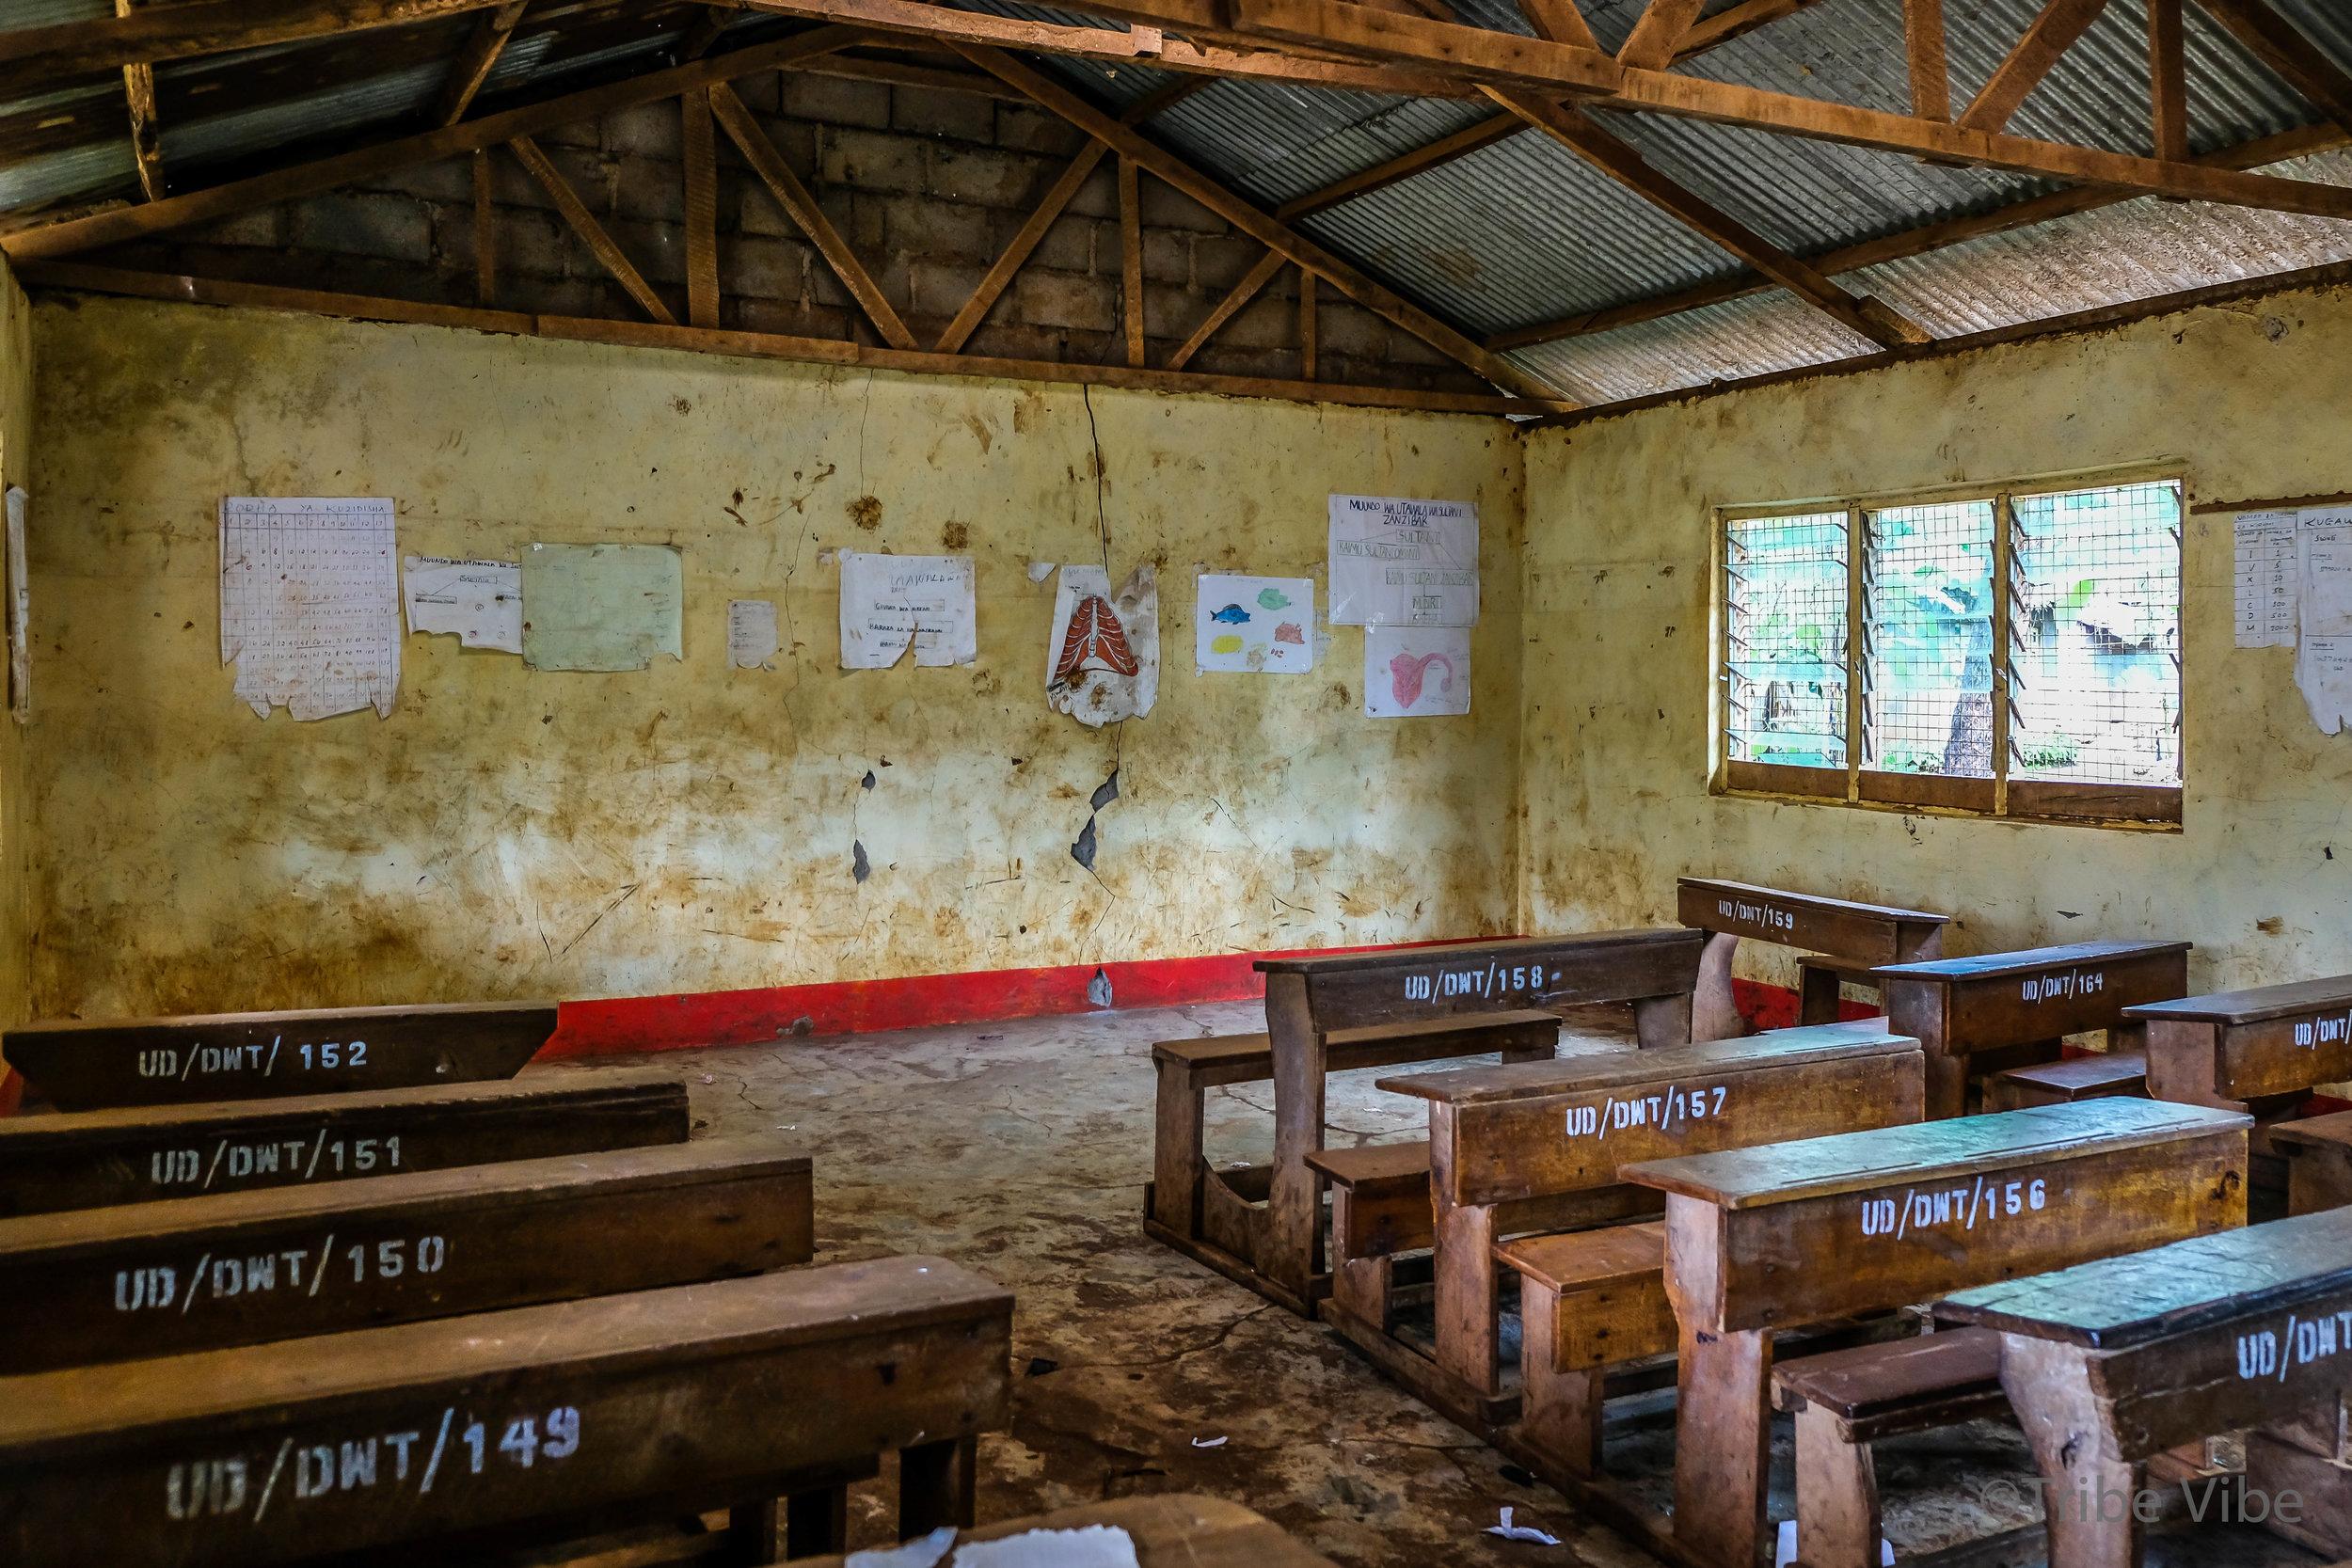 local Tanzanian school 13.jpg